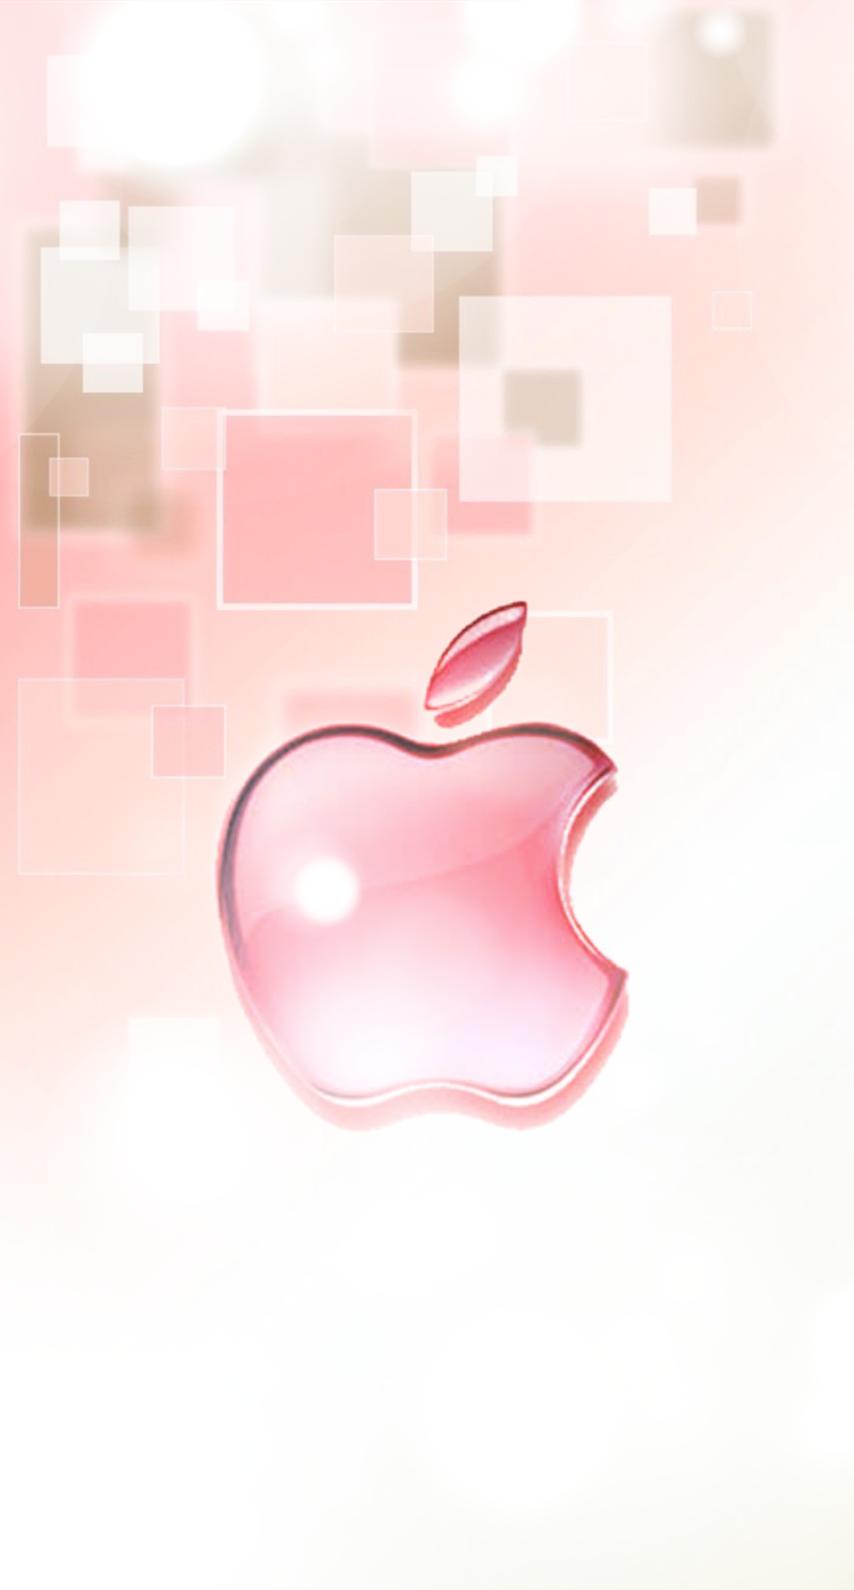 Apple♡ Fondos de pantalla de iphone, Fondos de pantalla